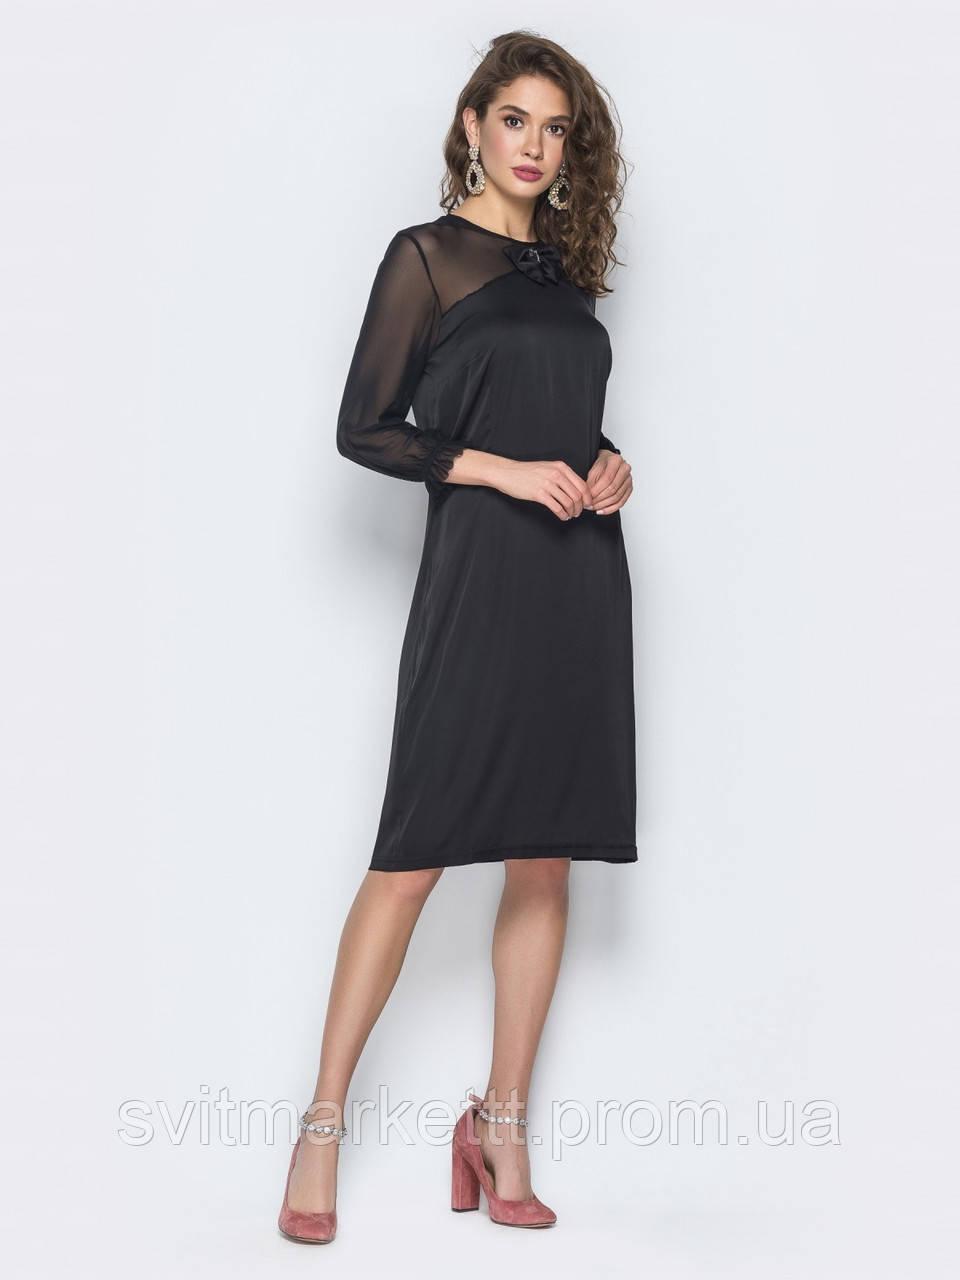 5deb57cd0d4 ⭐️Черное платье-трансформер со съемной юбкой-солнце (из фатина ...